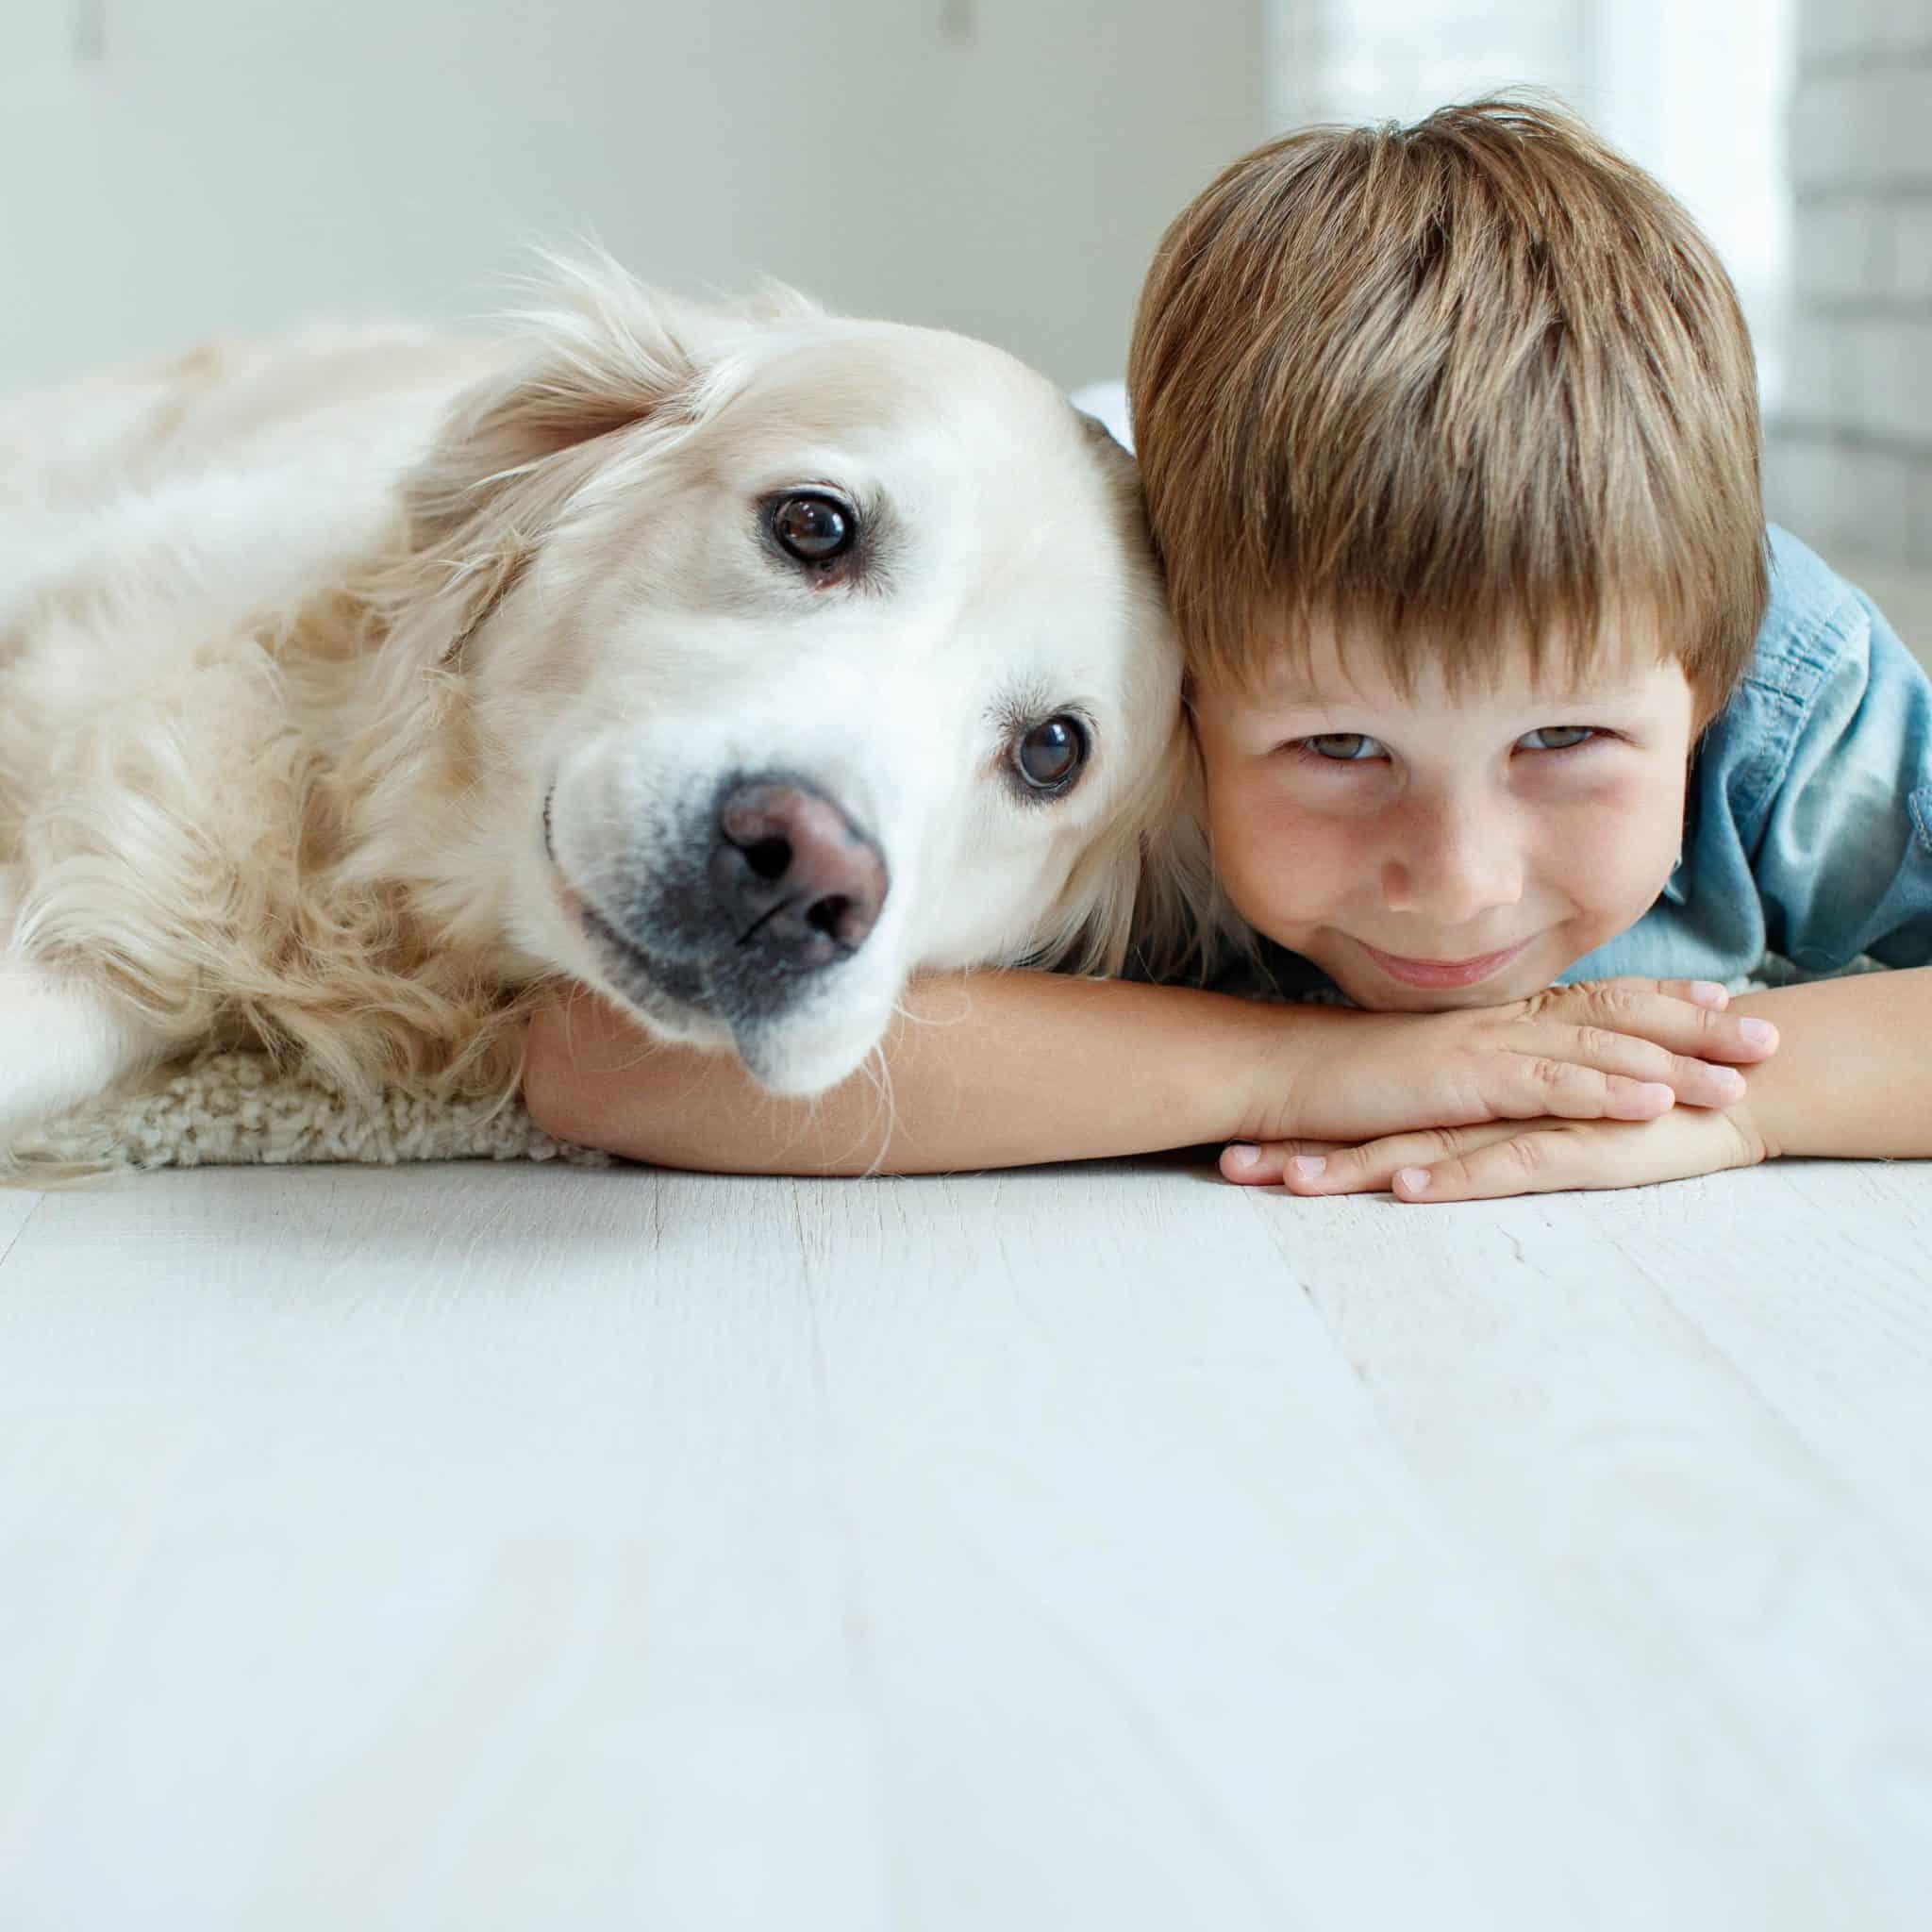 Eine Befragung von CED-Patienten und deren Freunden ergab, dass Haustiere in der Kindheit vor Colitis ulcerosa schützen könnten.